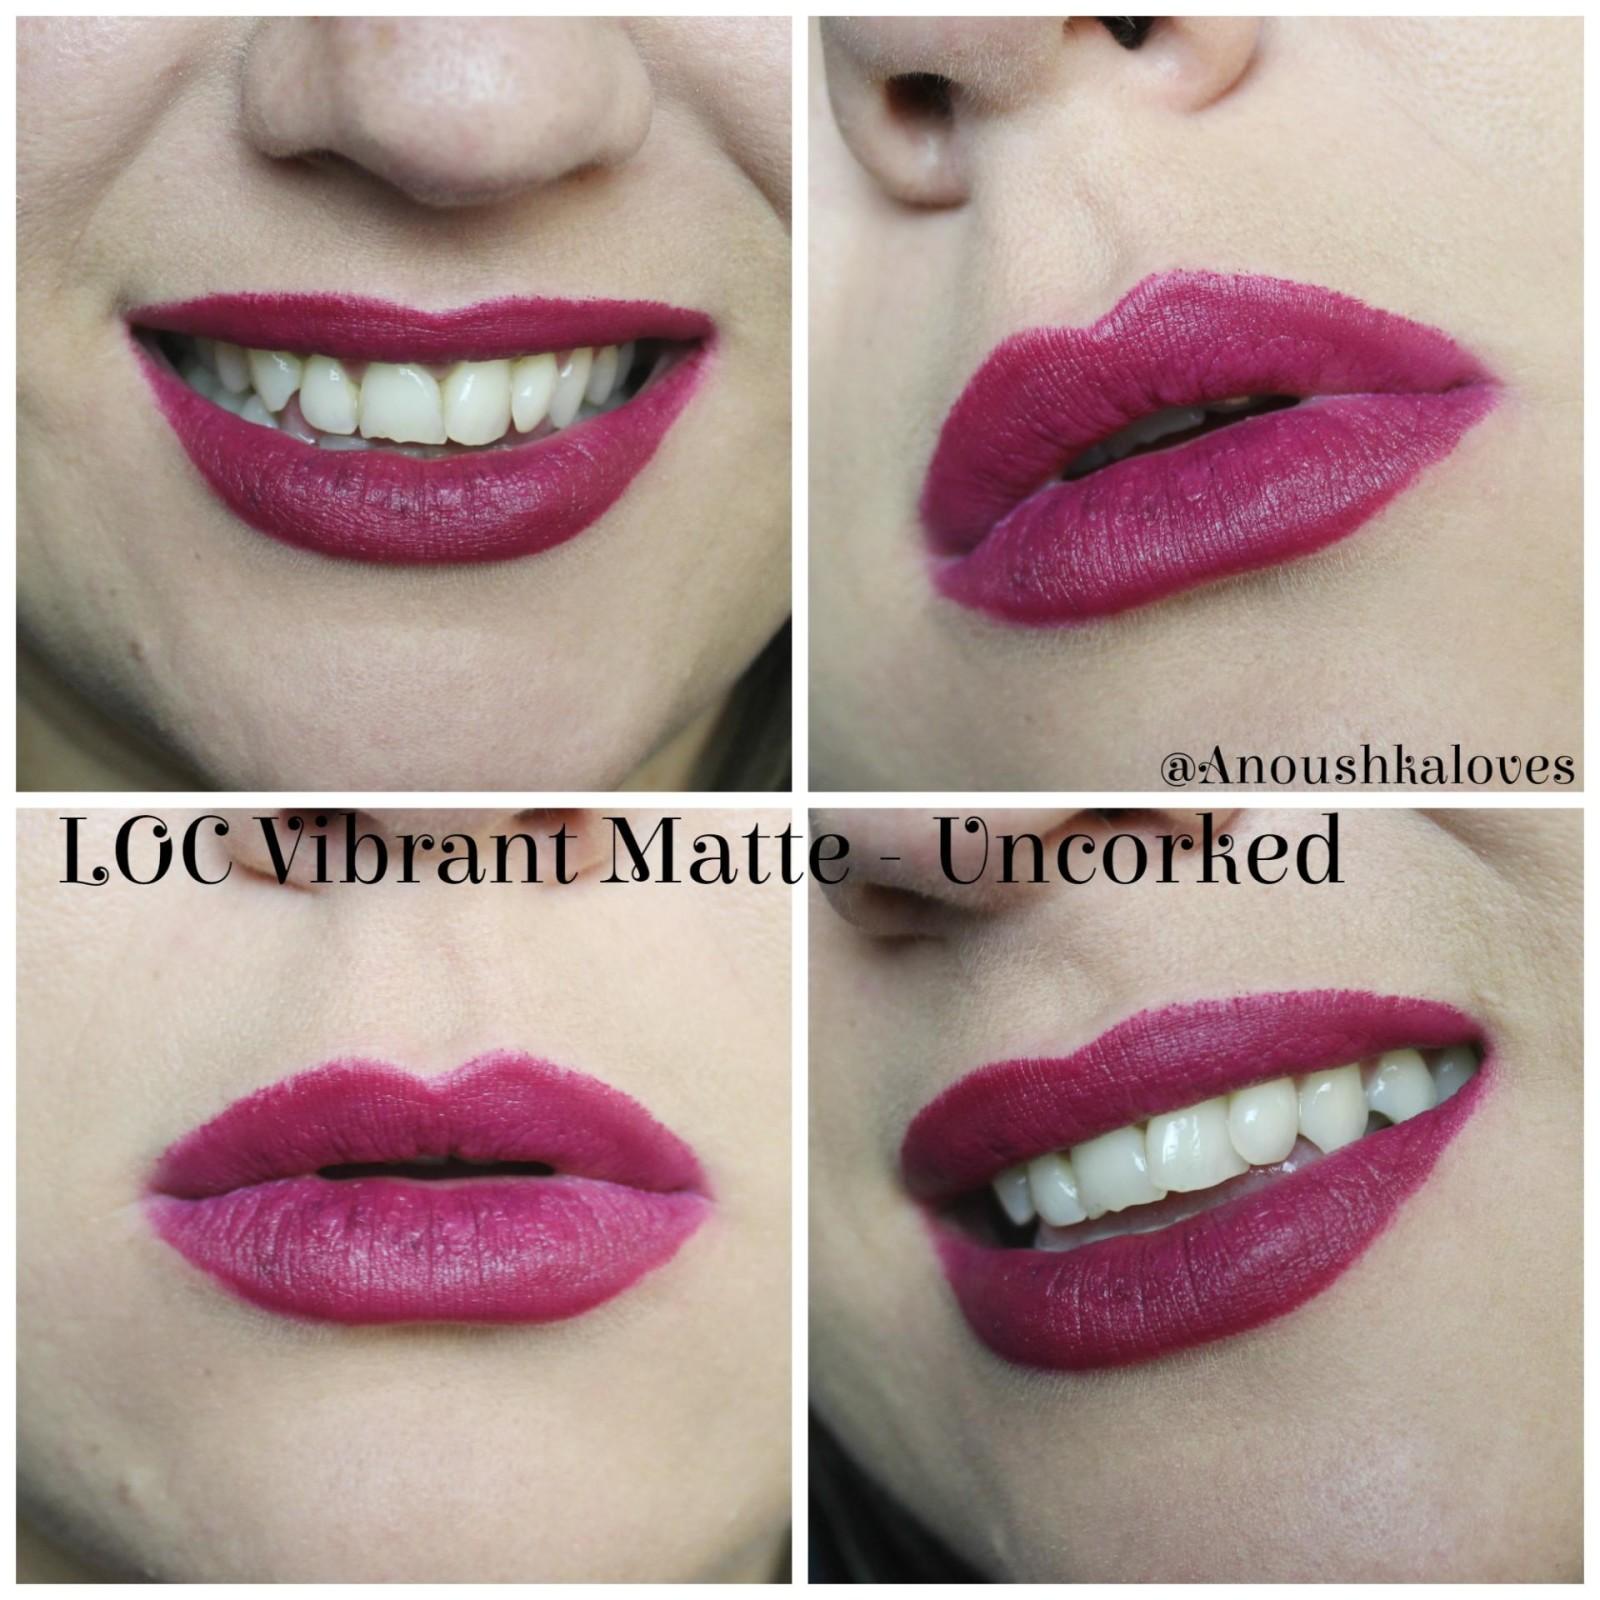 LOC by Birchbox Vibrant Matte Lipsticks Uncorked